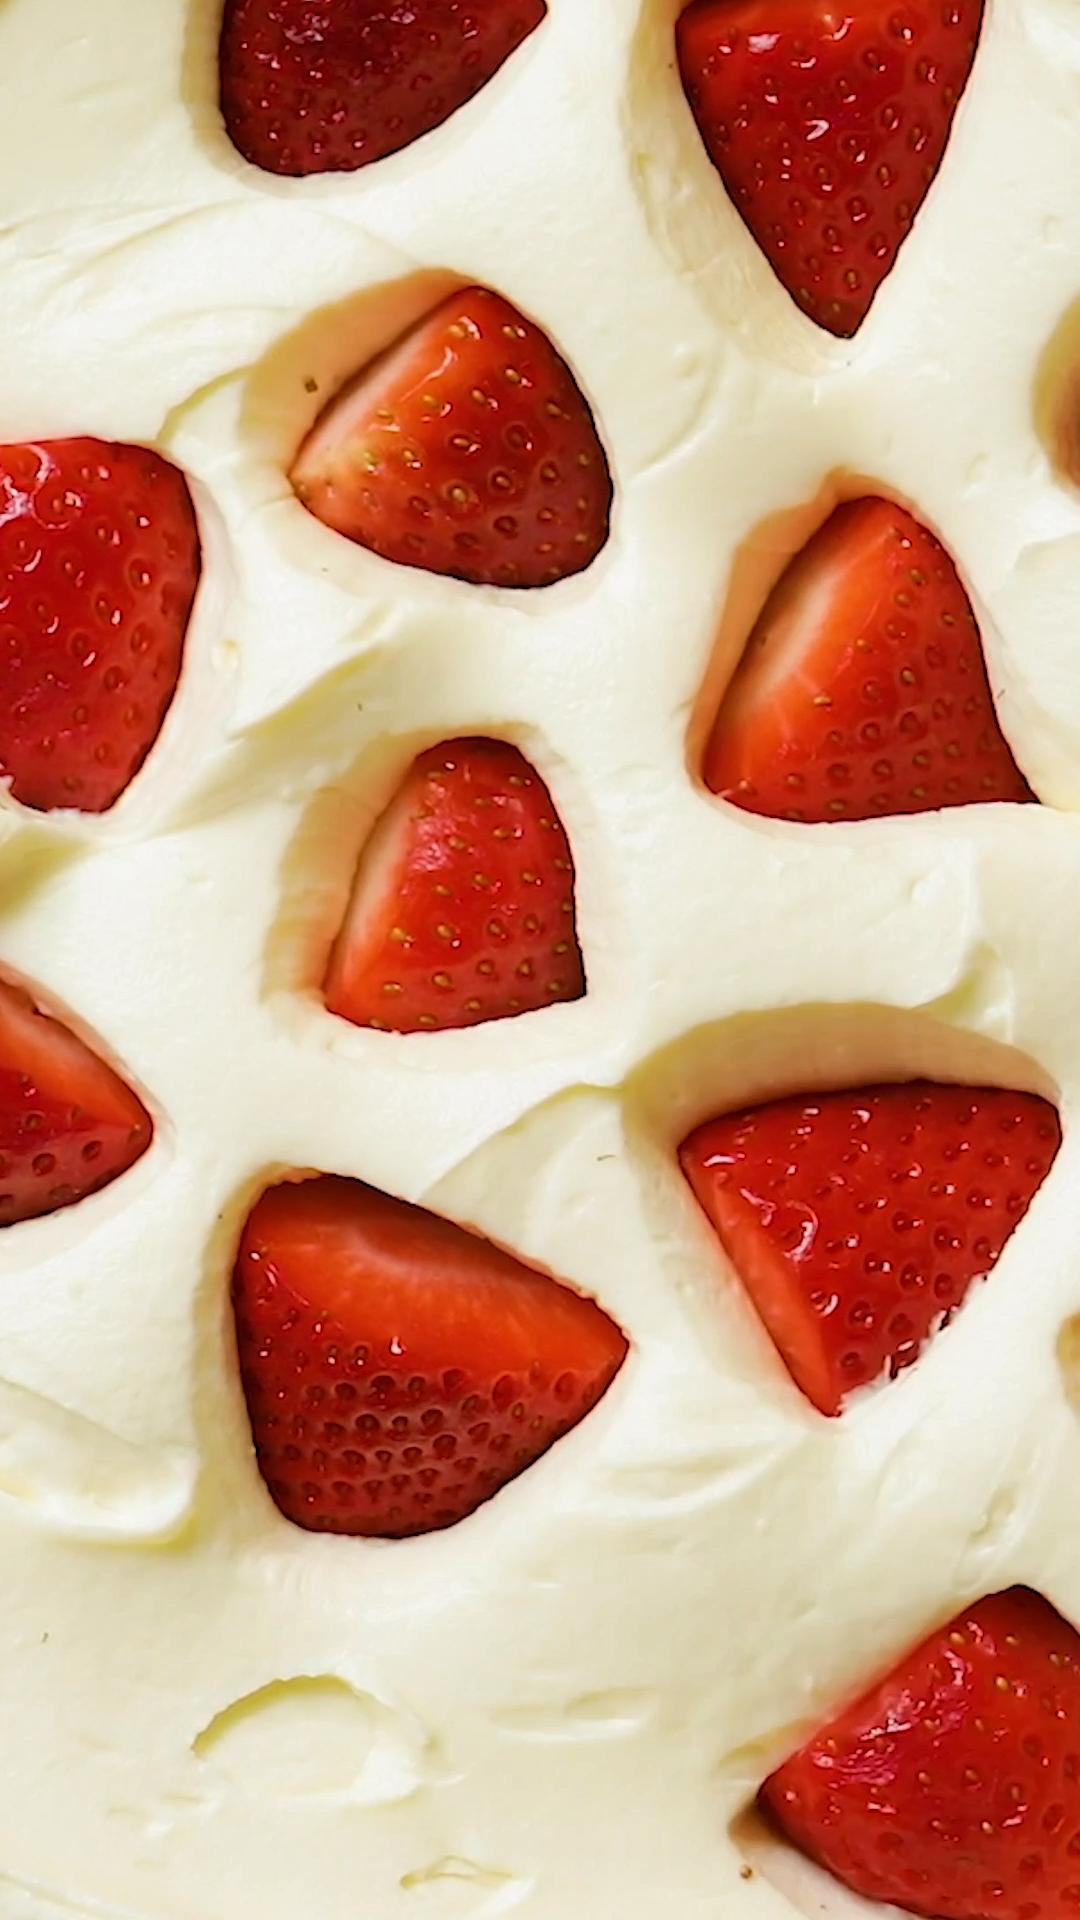 Comment faire un sandwich de cheesecake à la fraise ?